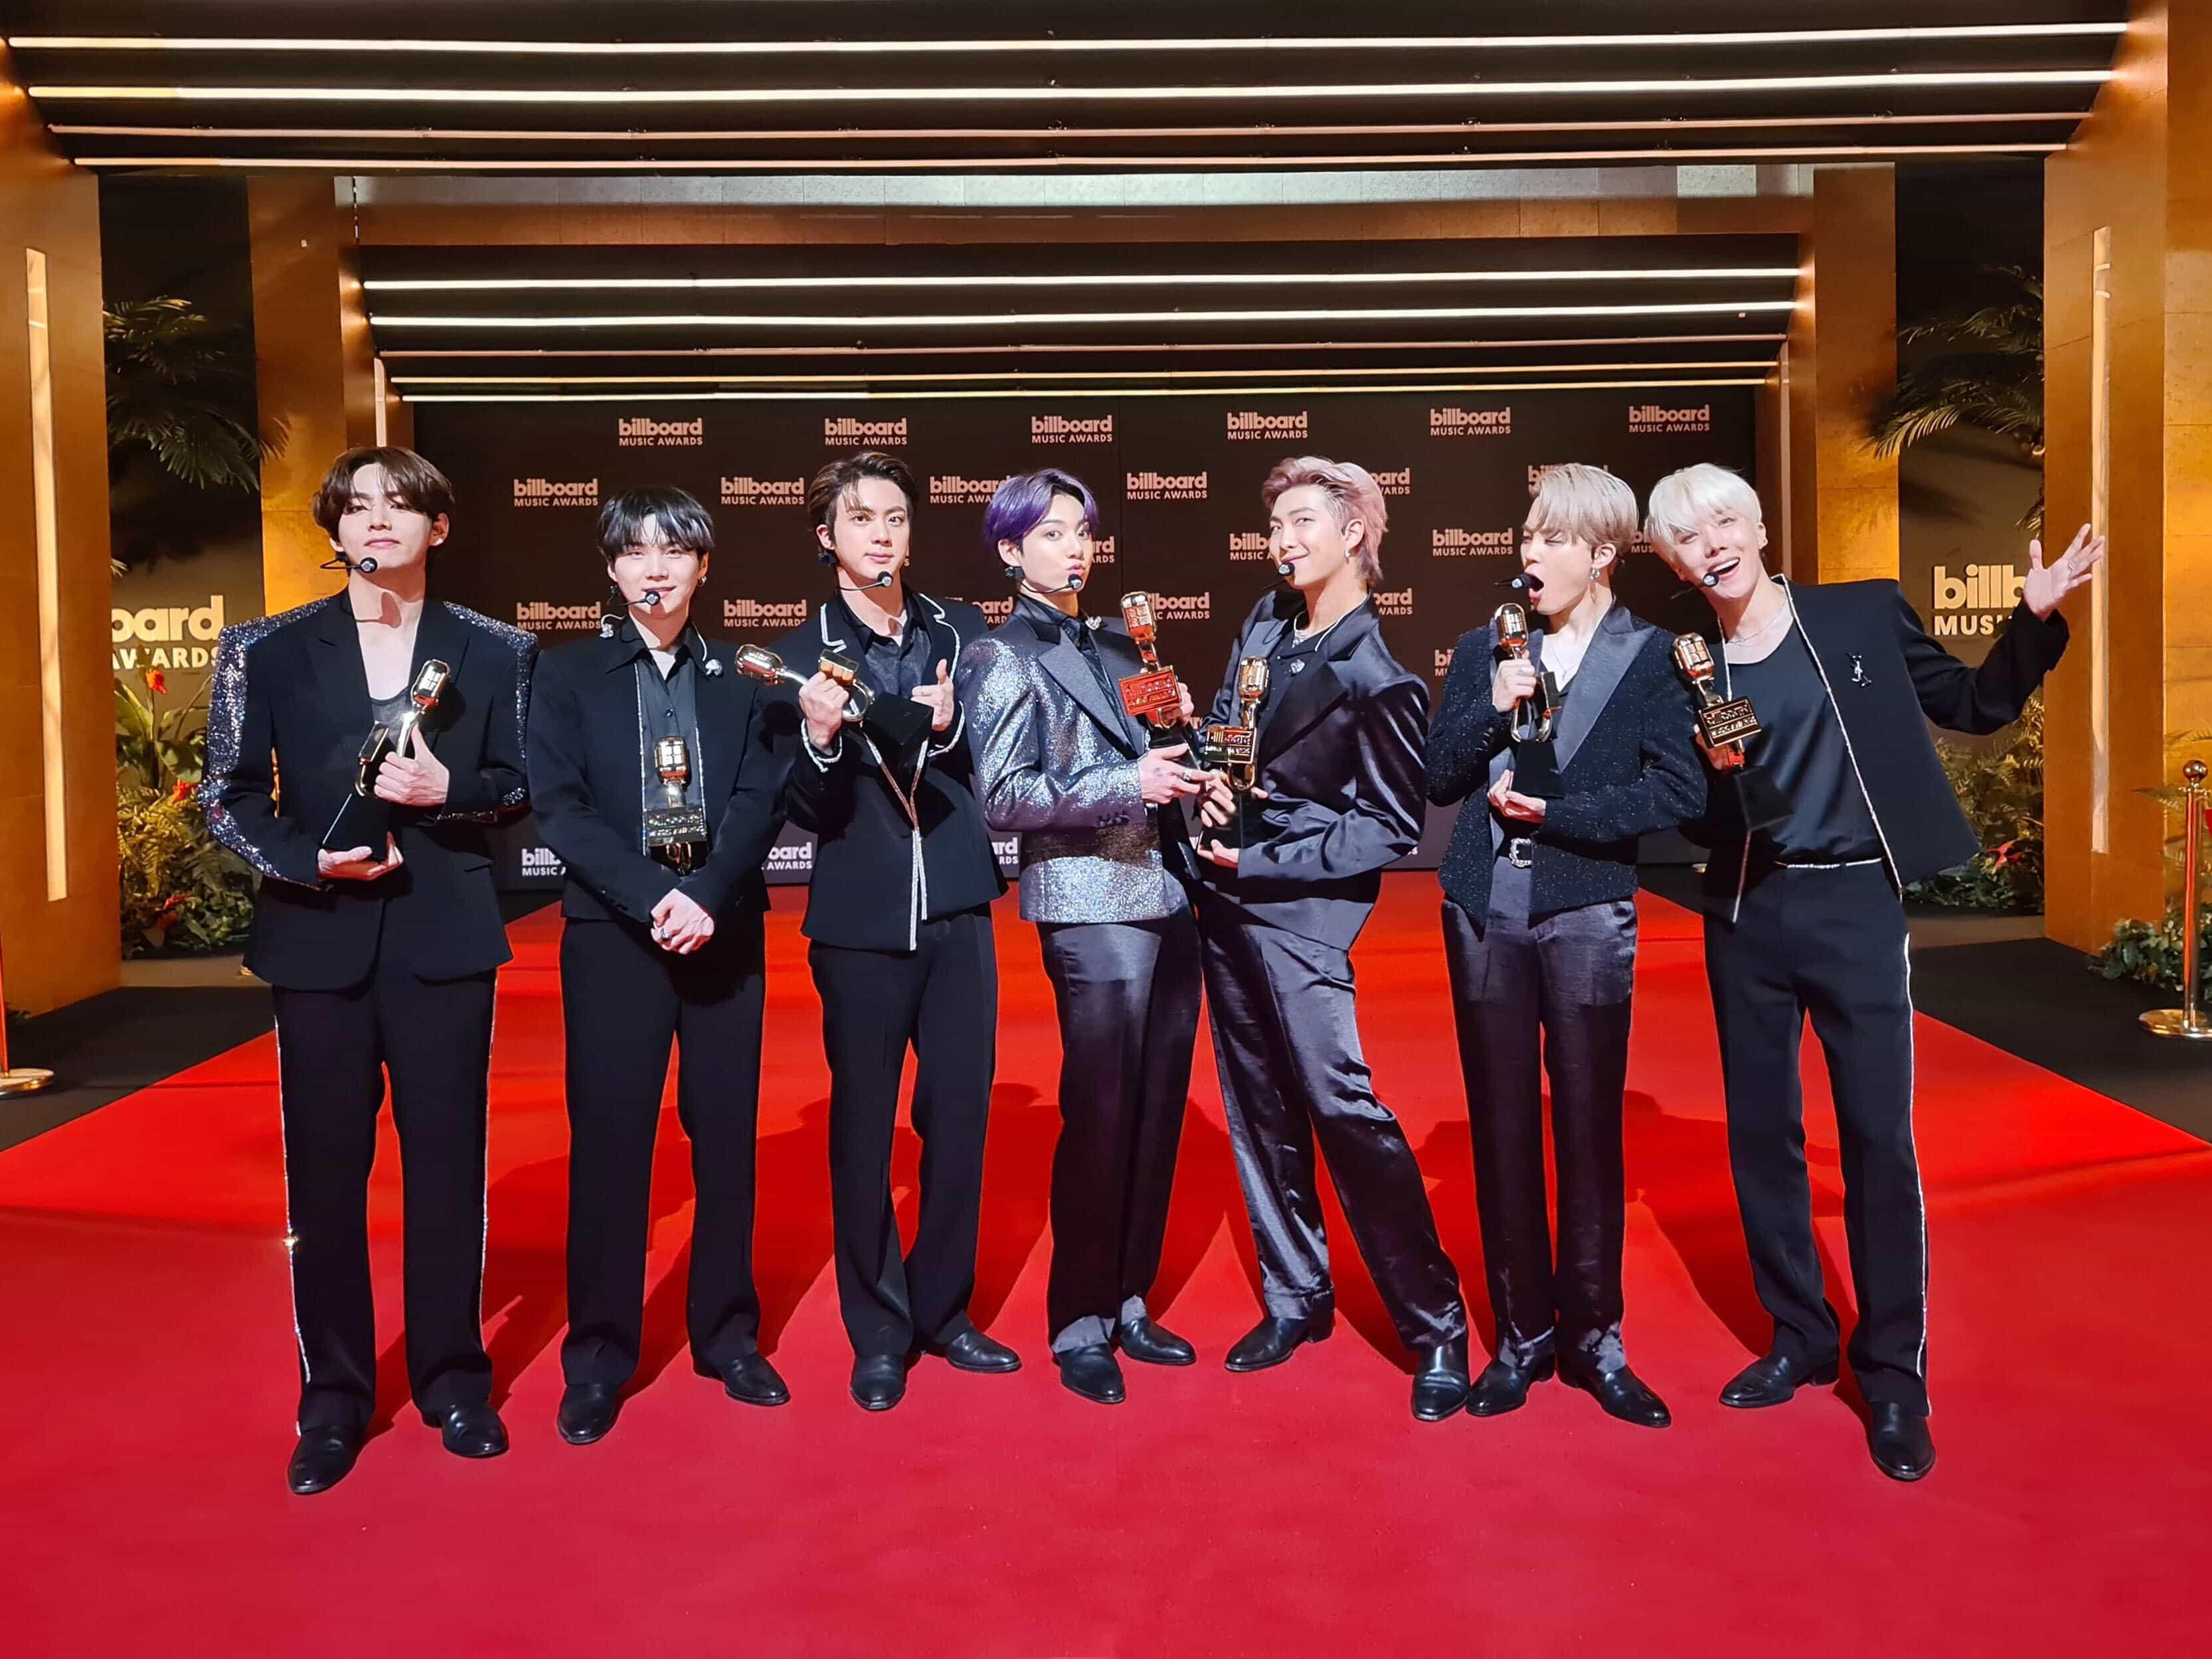 BTS Billboard Awards 2021